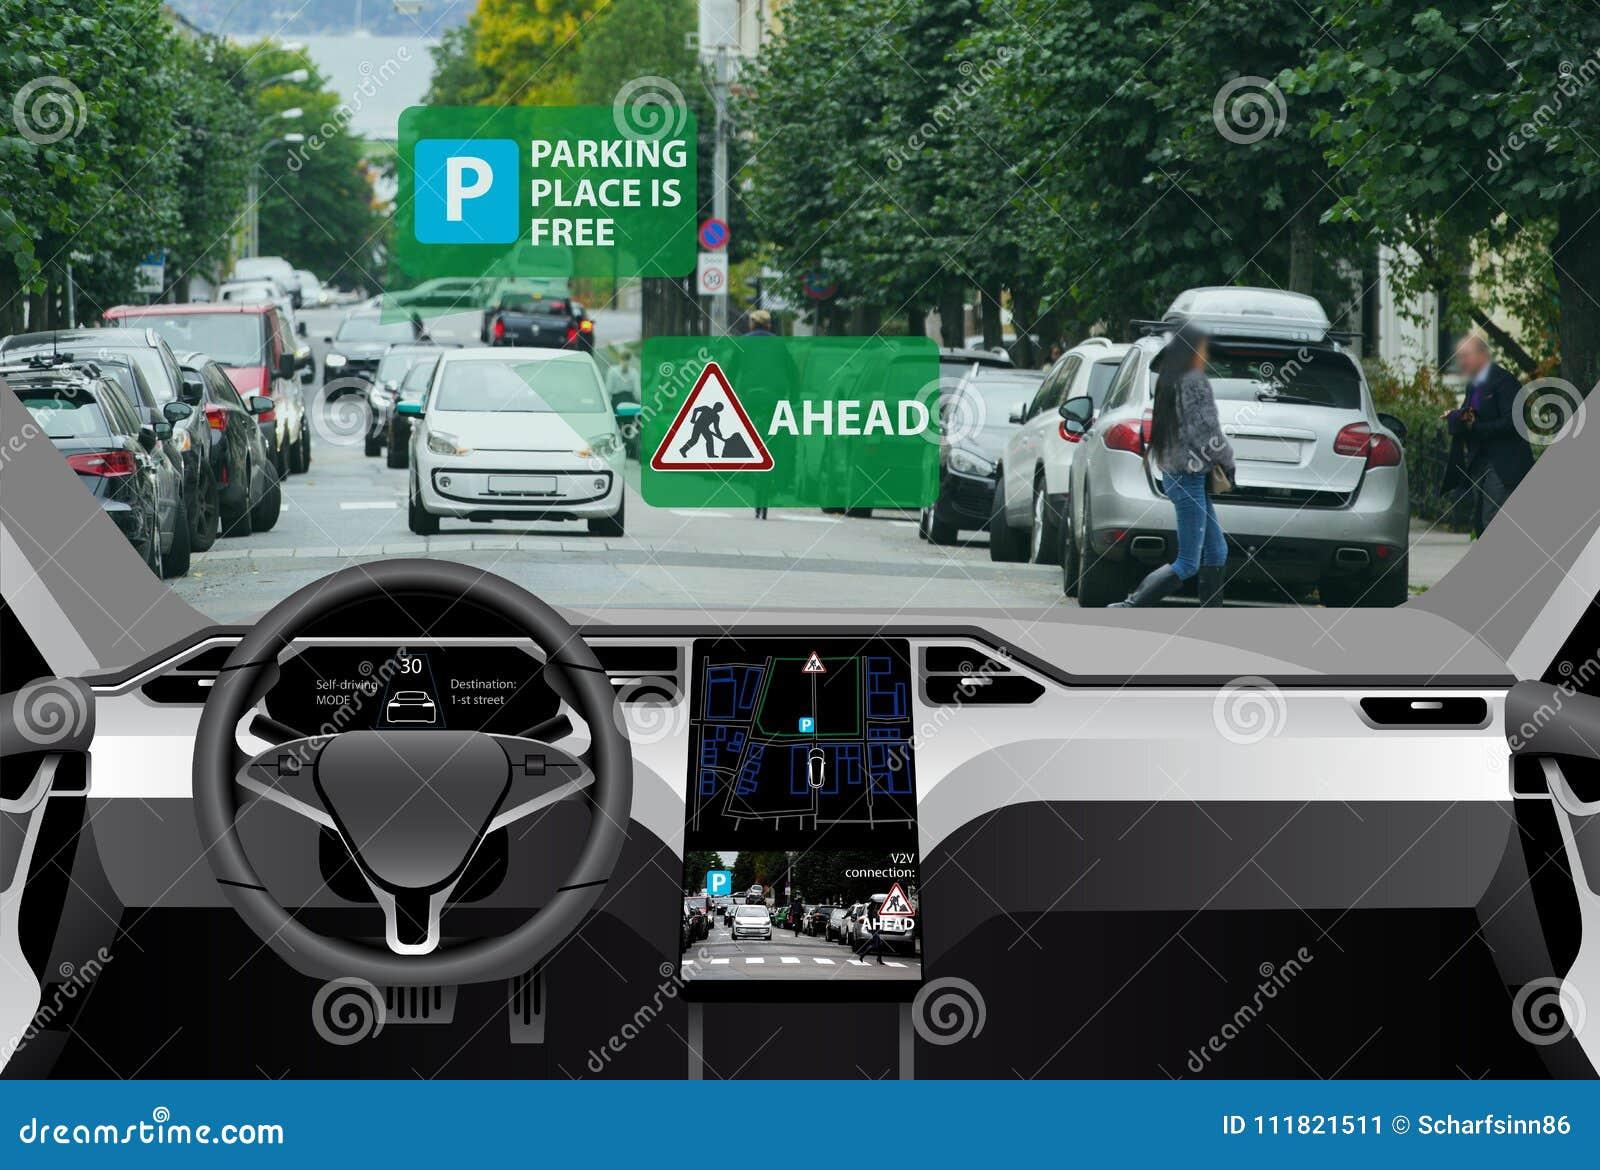 Vehicle to vehicle communication.